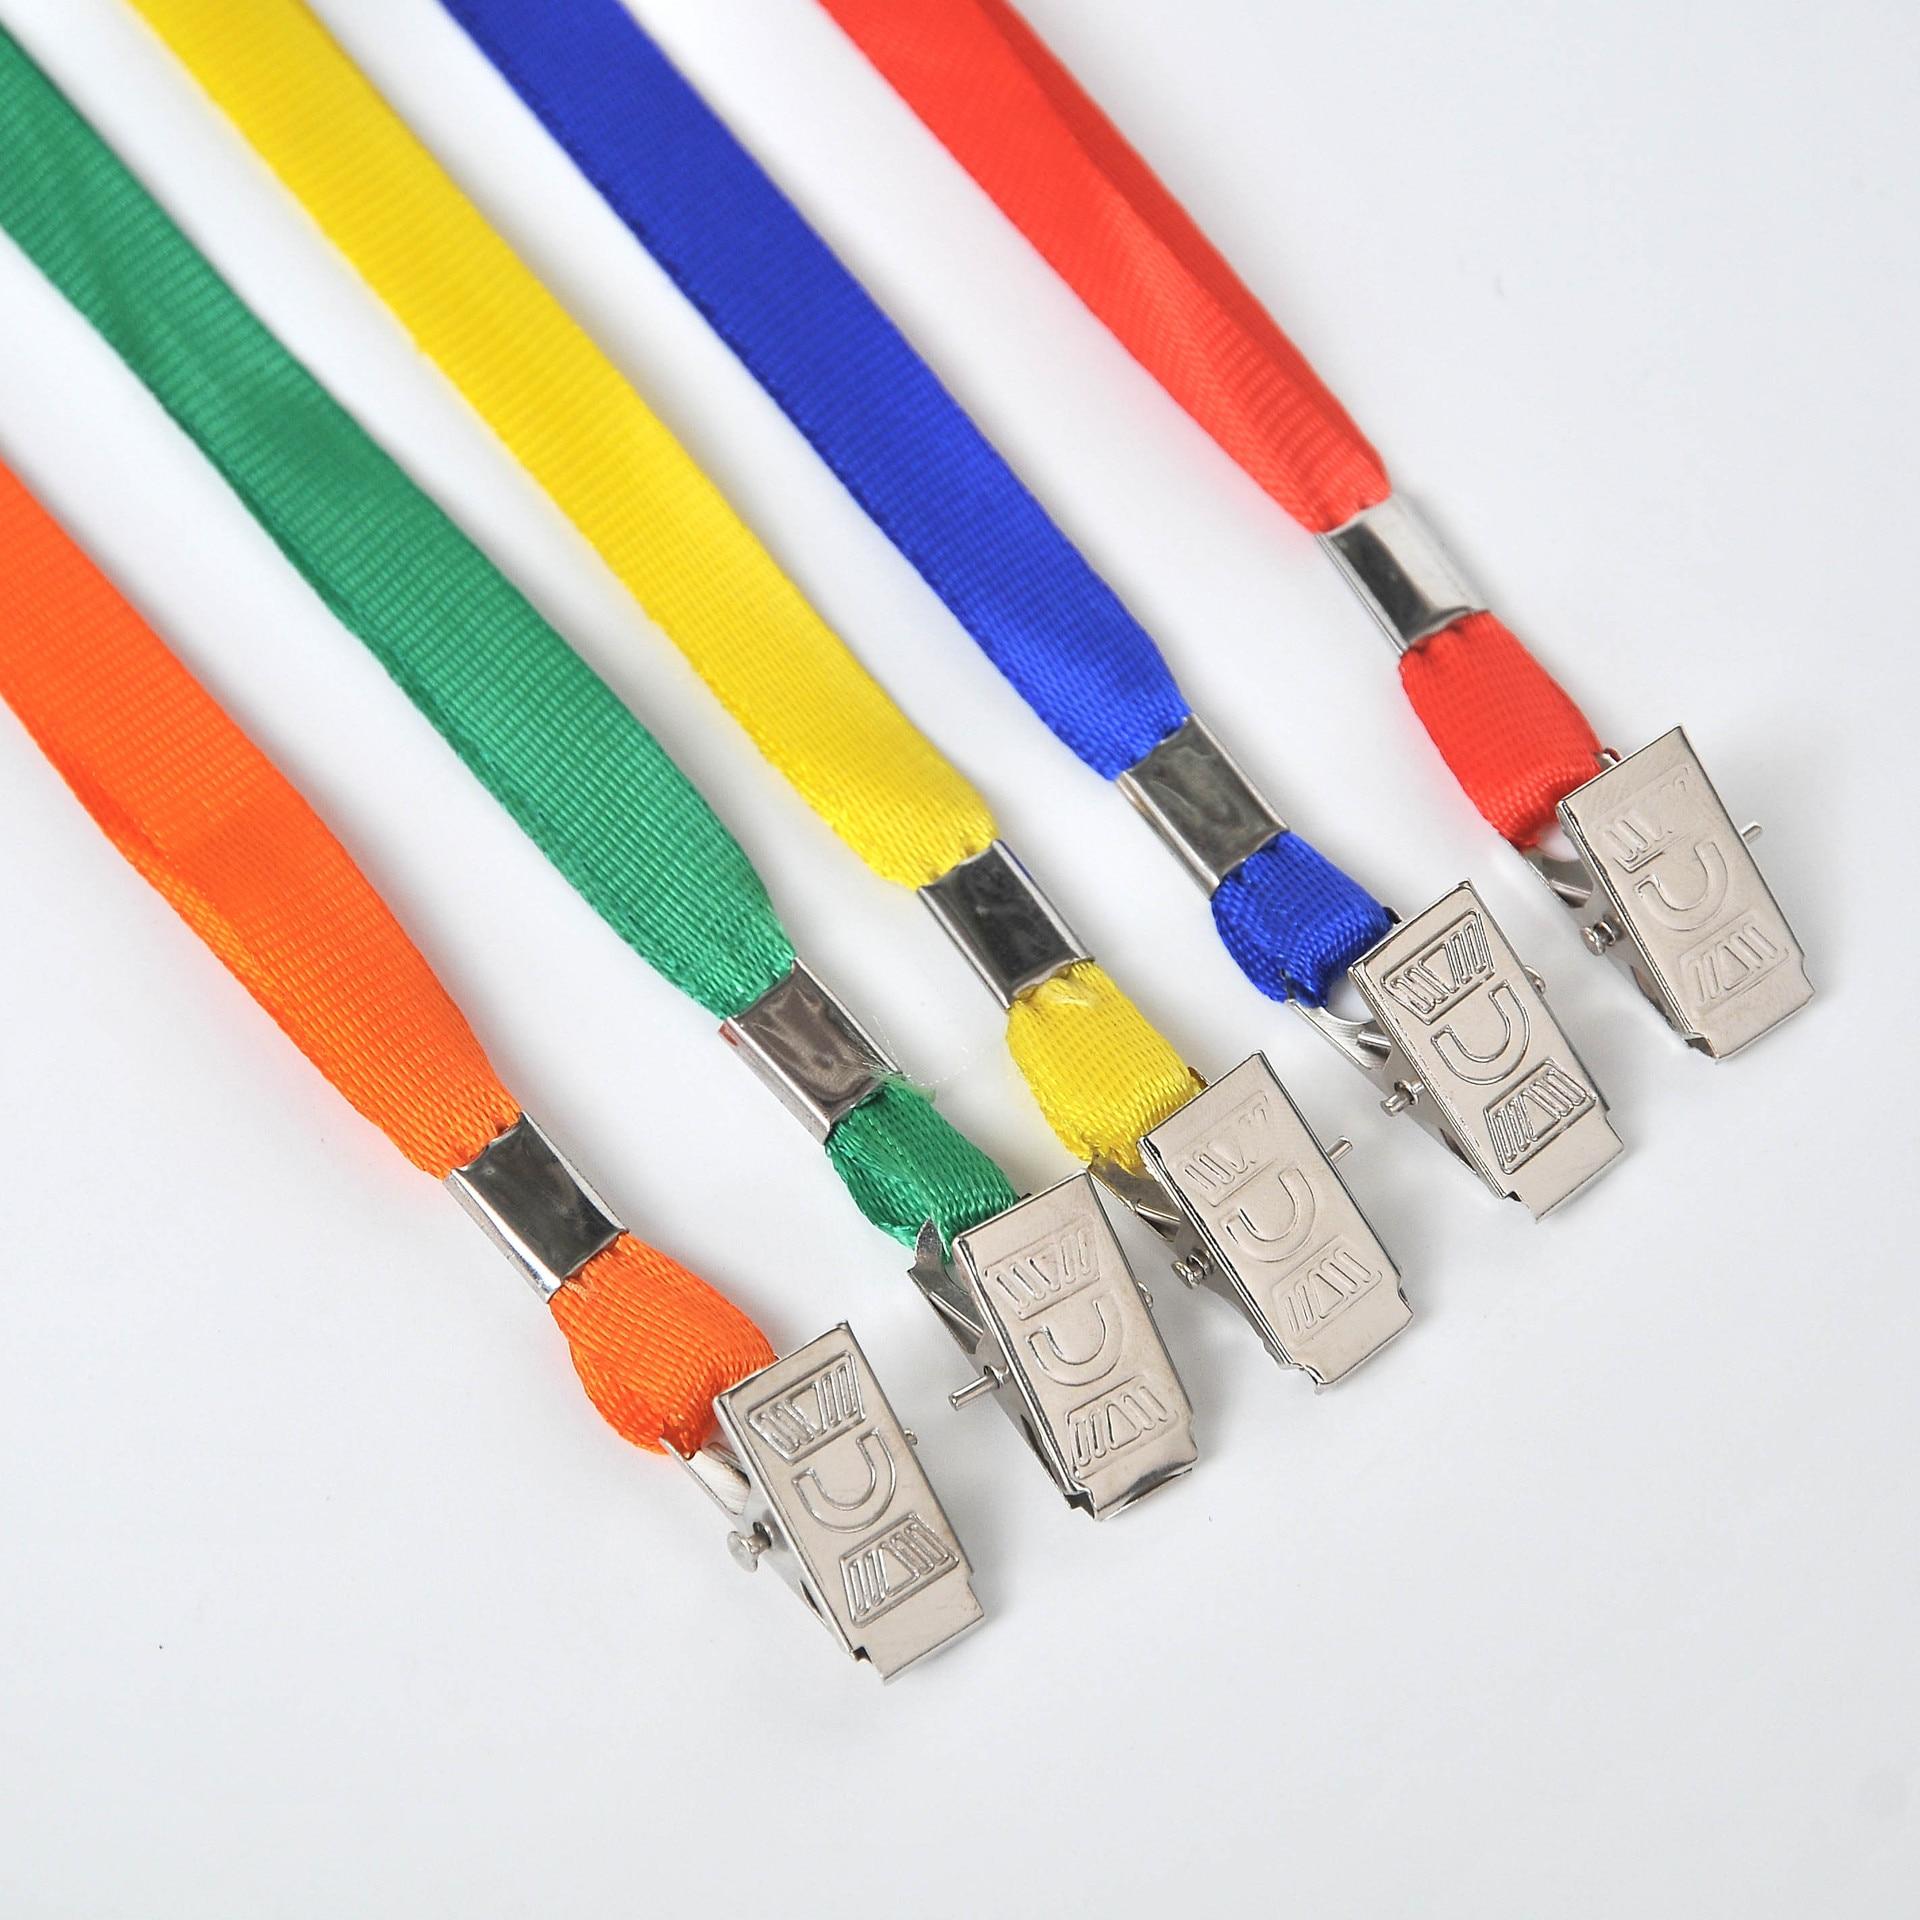 1cm Work Permit Badge Lanyard Documents Lanyard Label Polydown Lanyard Can Be Printed Logo Metal Clip Lanyard